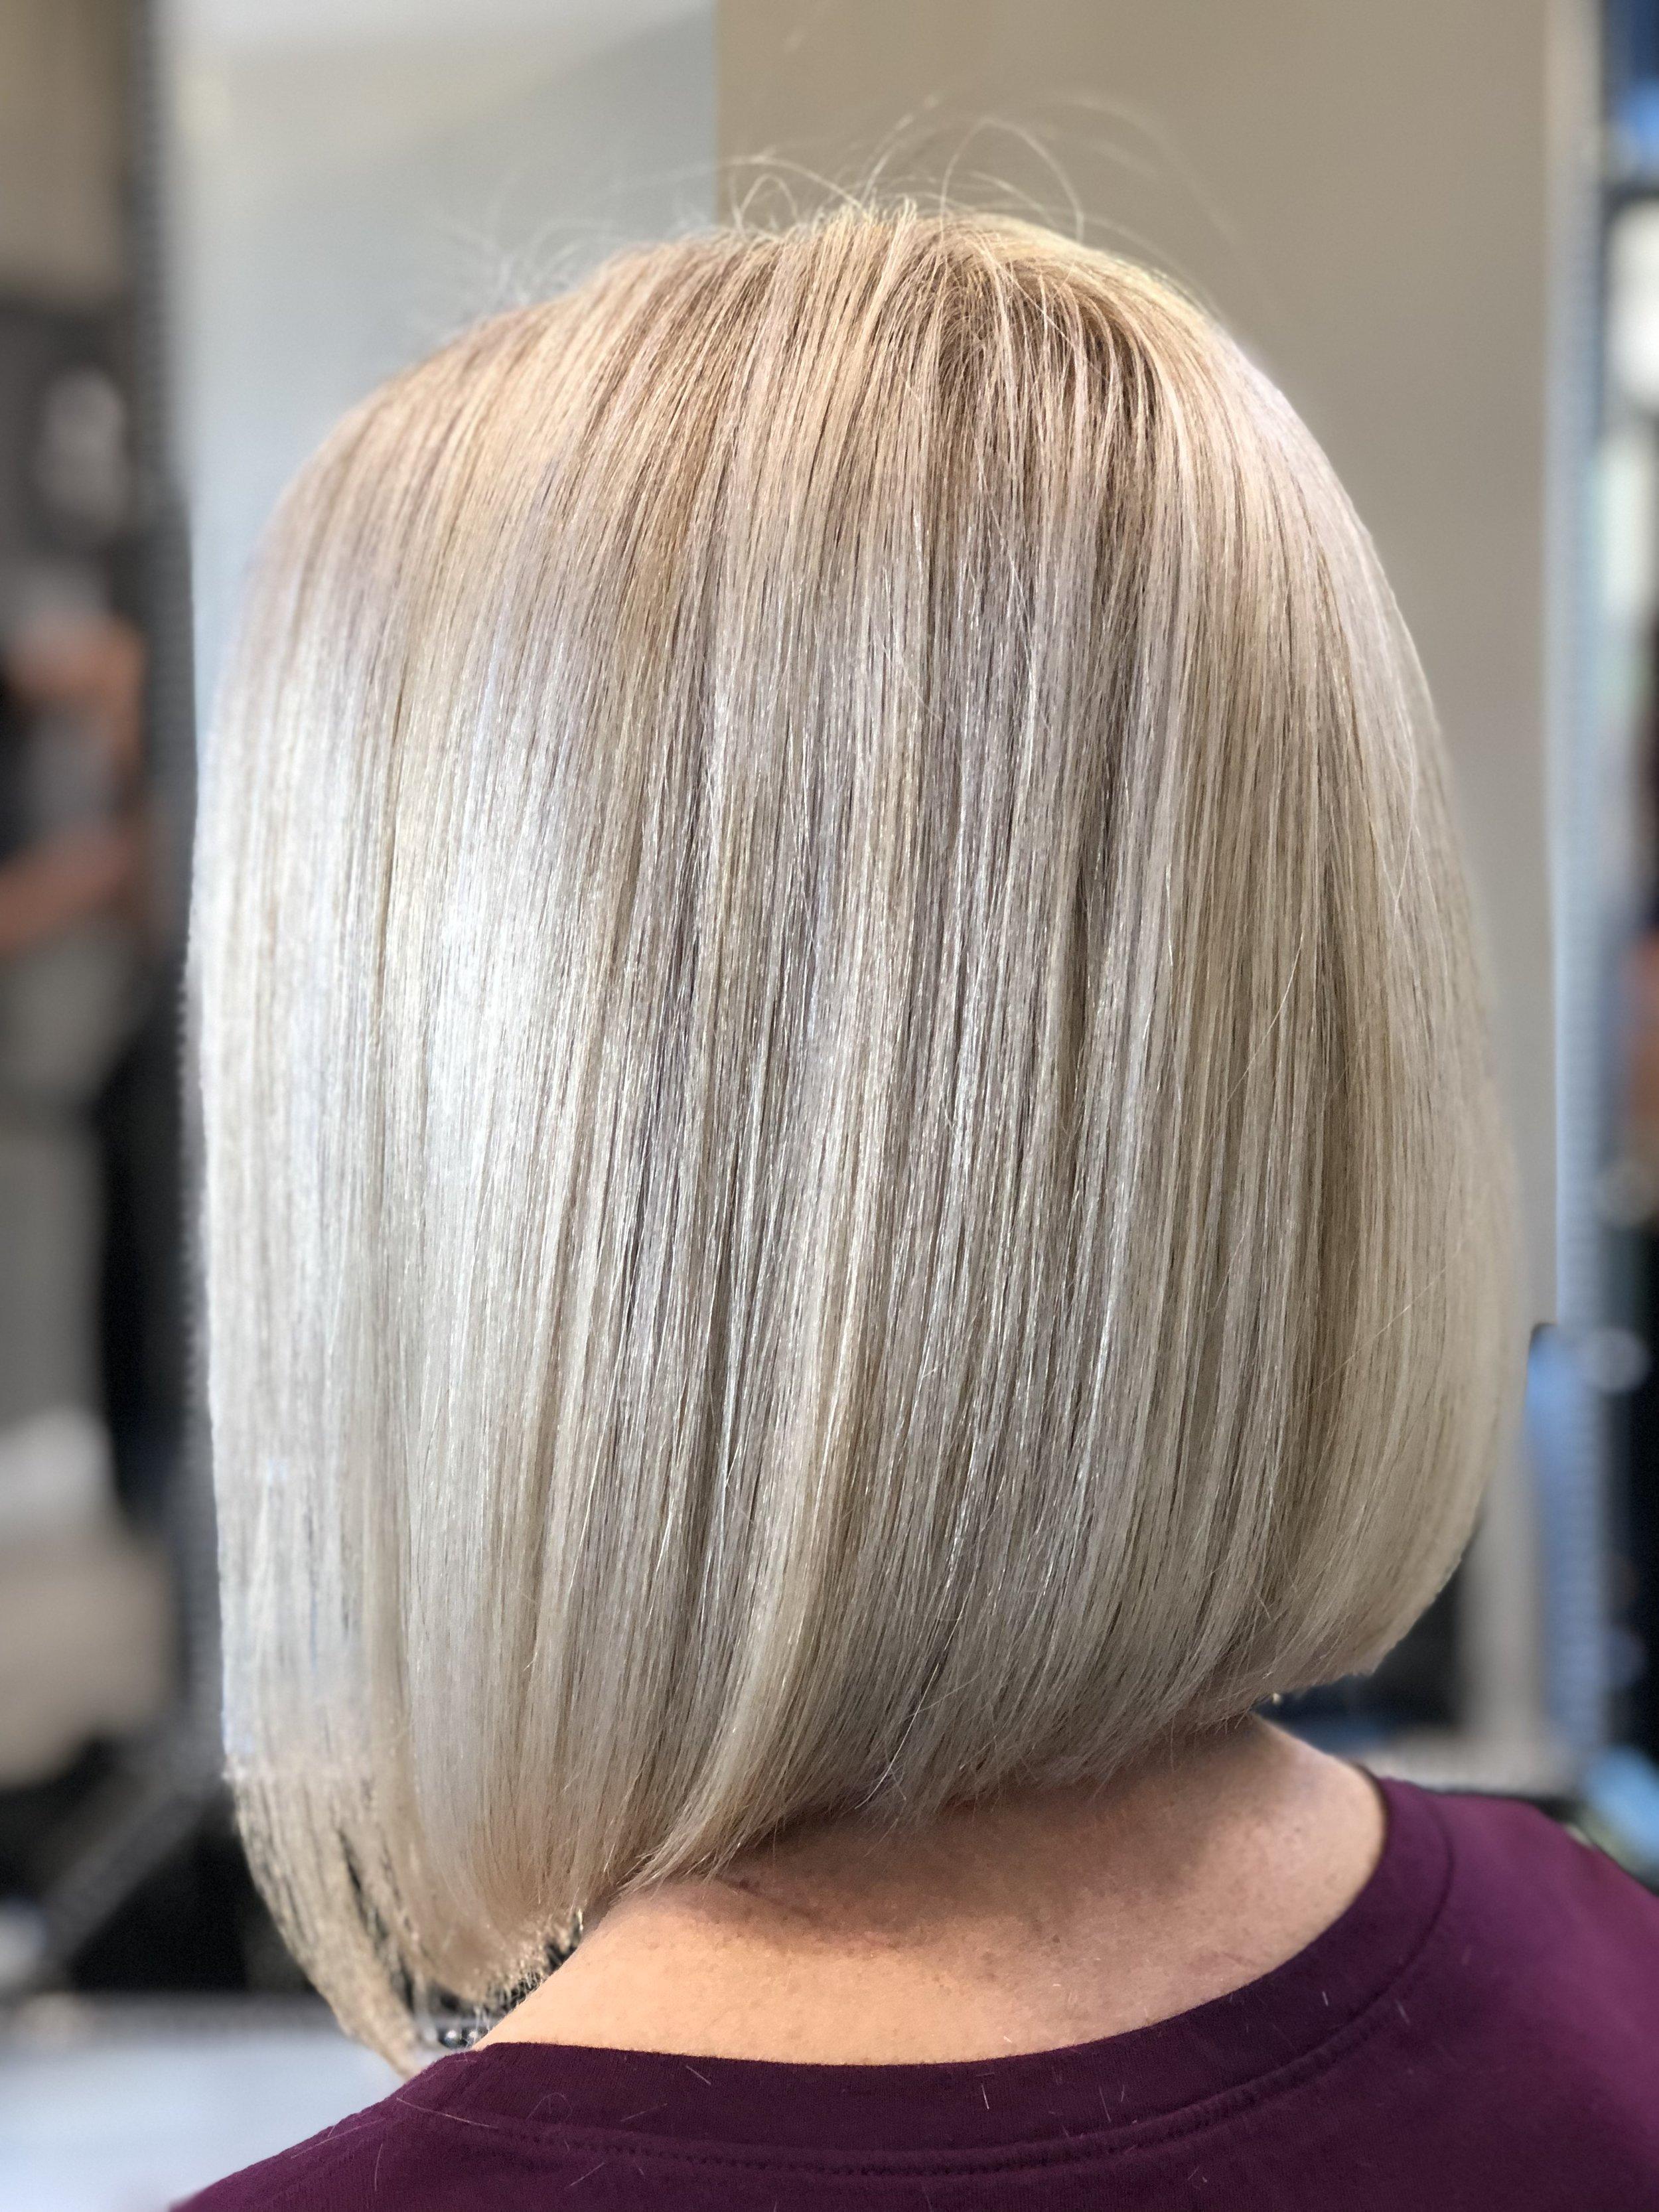 blonde-lob-hair-cut.jpg